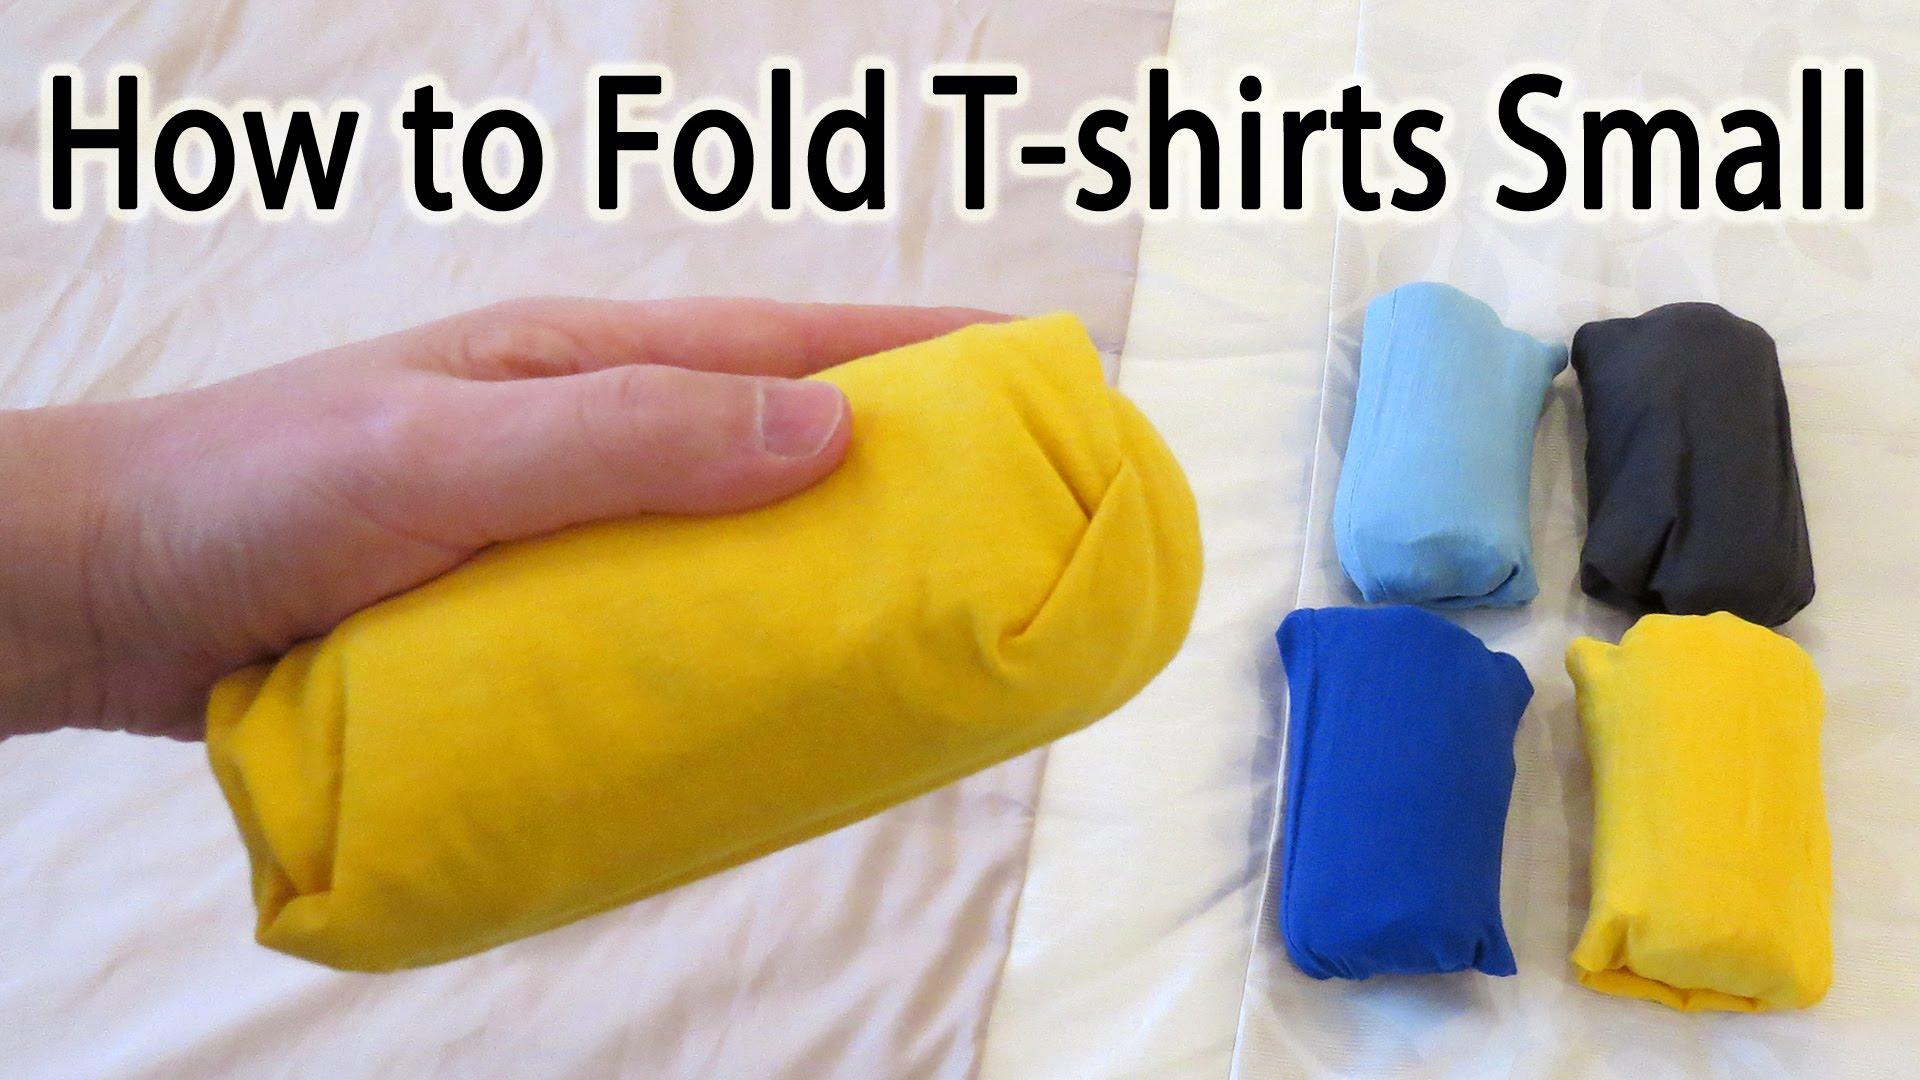 「打包行李一定要會這招『口袋式摺衣法』」- How to Fold a T-Shirt Small to Save Space